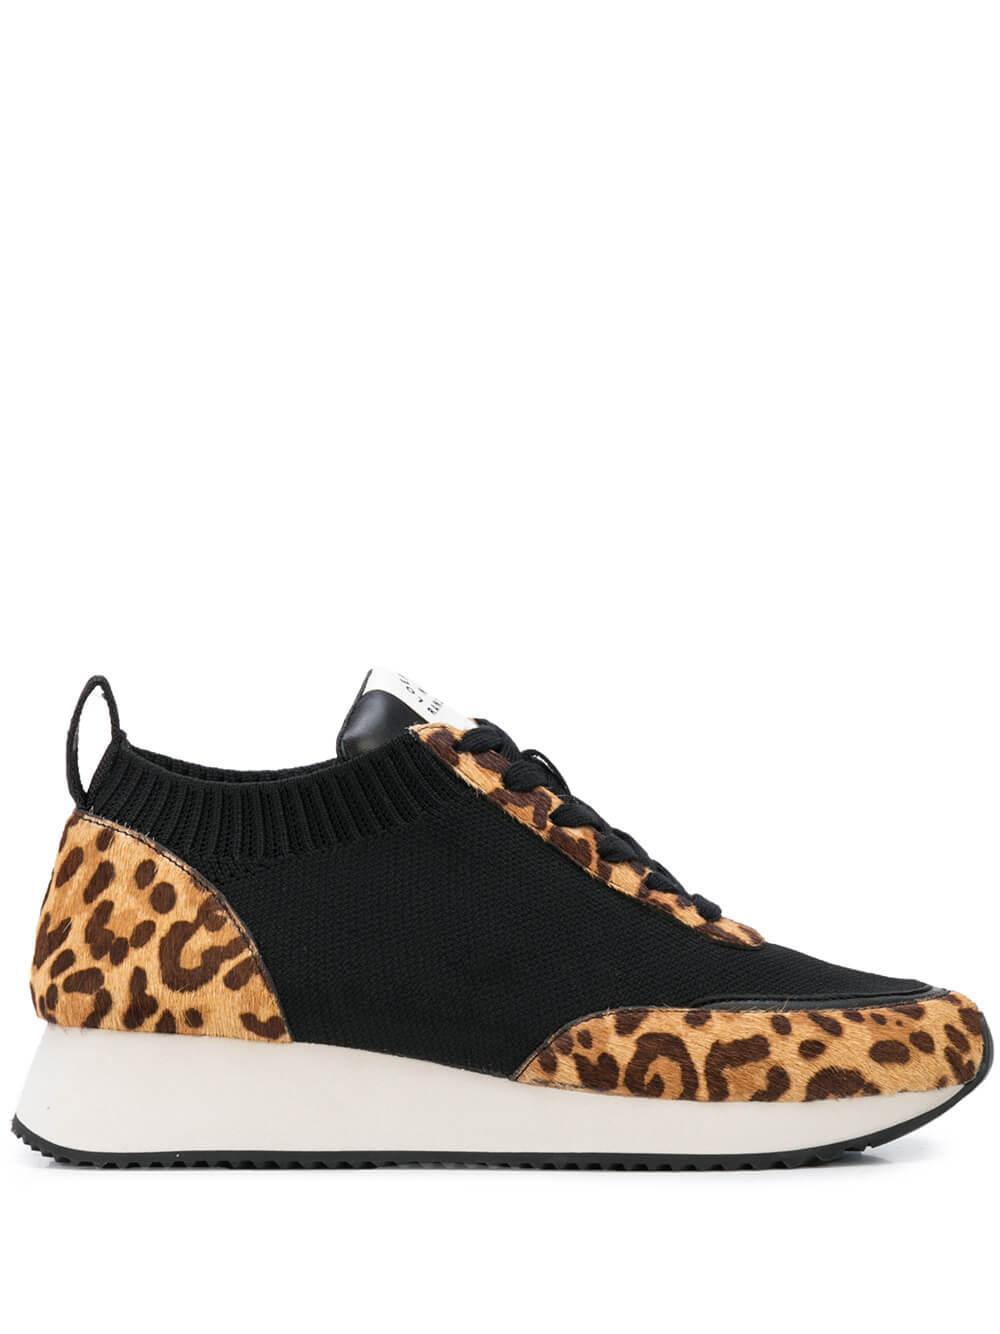 Leopard Sneaker Item # REMI-KNHC